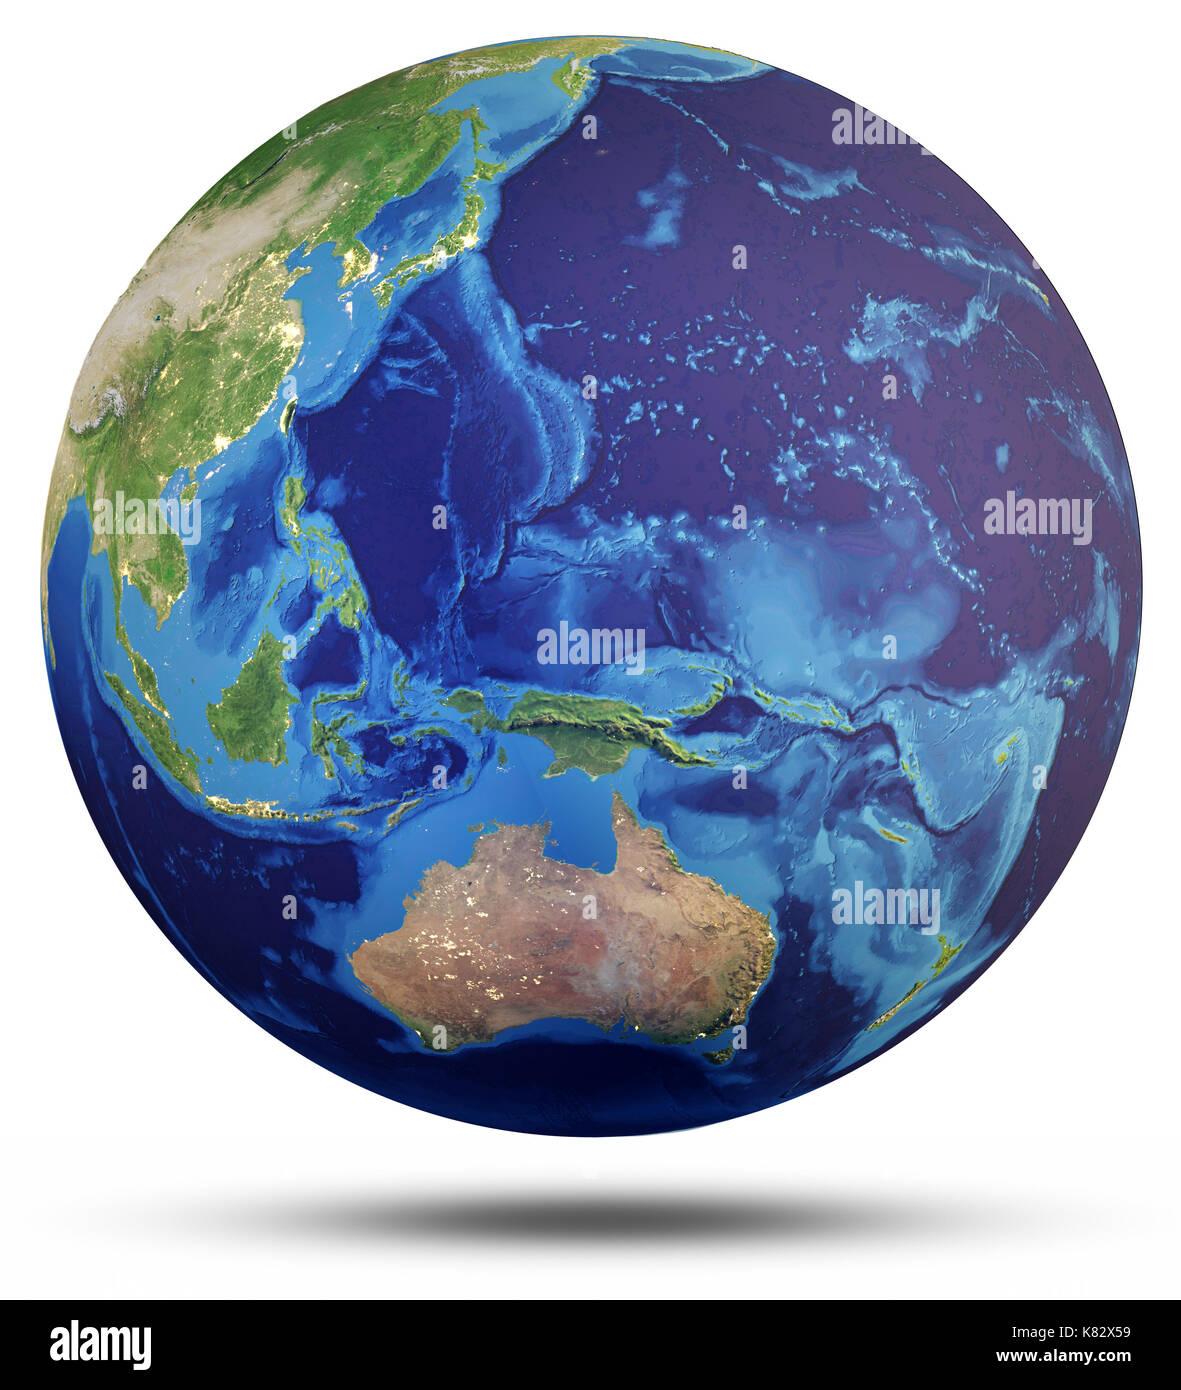 Planeta Tierra globo terráqueo 3D rendering Imagen De Stock